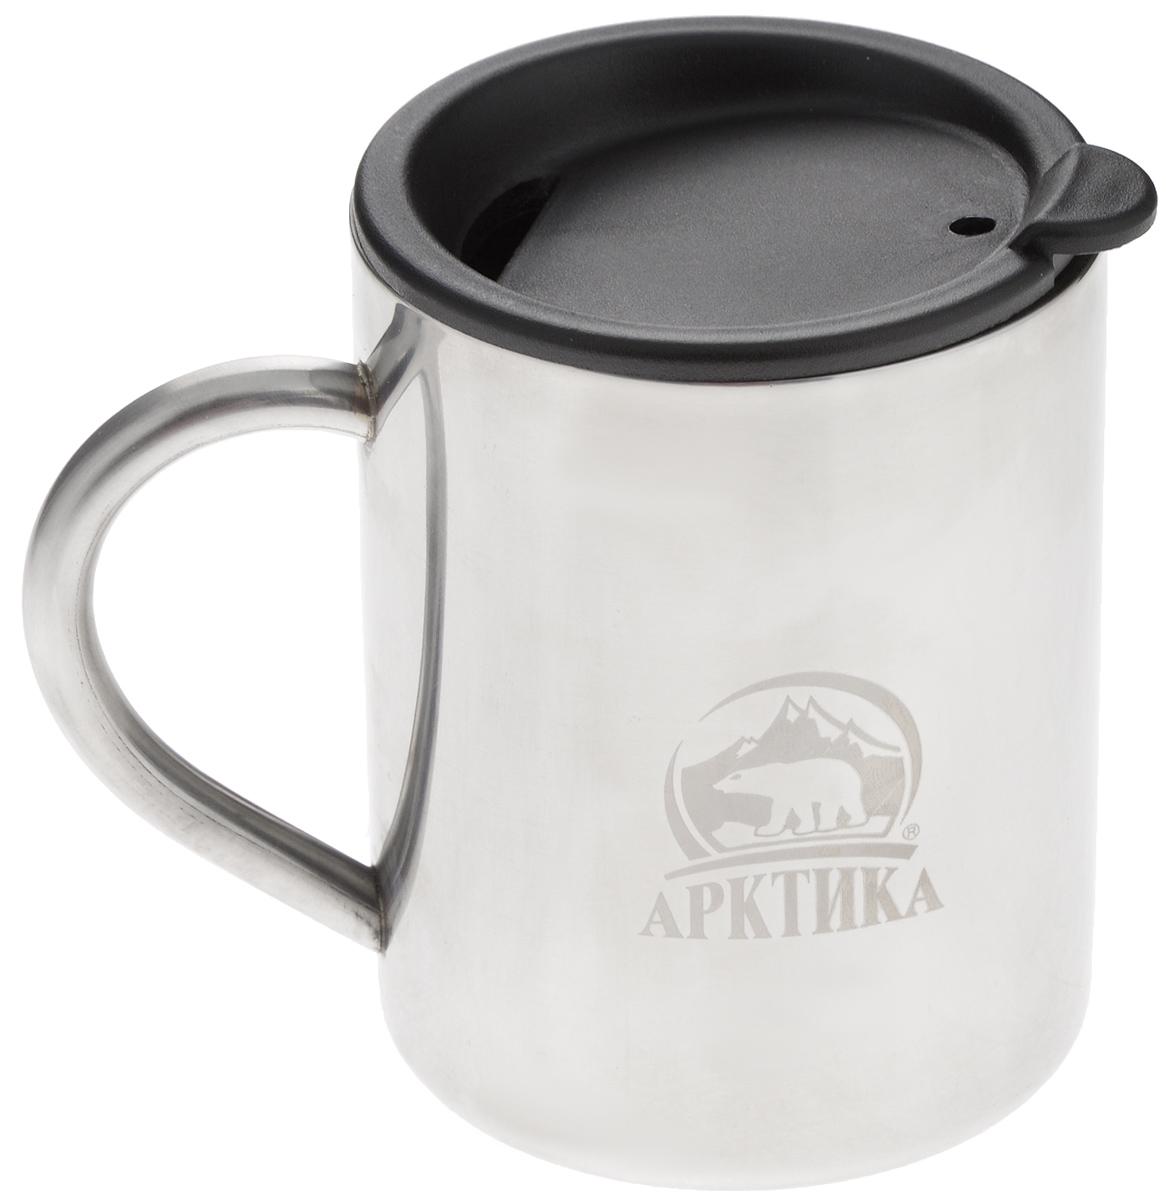 Термокружка Арктика, цвет: металлик, черный, 0,4 л801-400Термокружка Арктика одинаково хороша и при использовании дома, если вы любите растягивать удовольствие от напитка и вам не нравится, что он так быстро остывает, и на даче, где такая посуда особенно впору в силу своей прочности, долговечности и практичности. Изделием приятно пользоваться, ведь оно не обжигает руки, его легко мыть. Термокружка выполнена из прочной нержавеющей стали, благодаря чему ее можно не бояться уронить. Имеется пластиковая крышка с силиконовой вставкой. В ней расположено отверстие, через которое можно пить.Диаметр кружки (по верхнему краю): 7,8 см.Высота кружки (без учета крышки): 10 см.